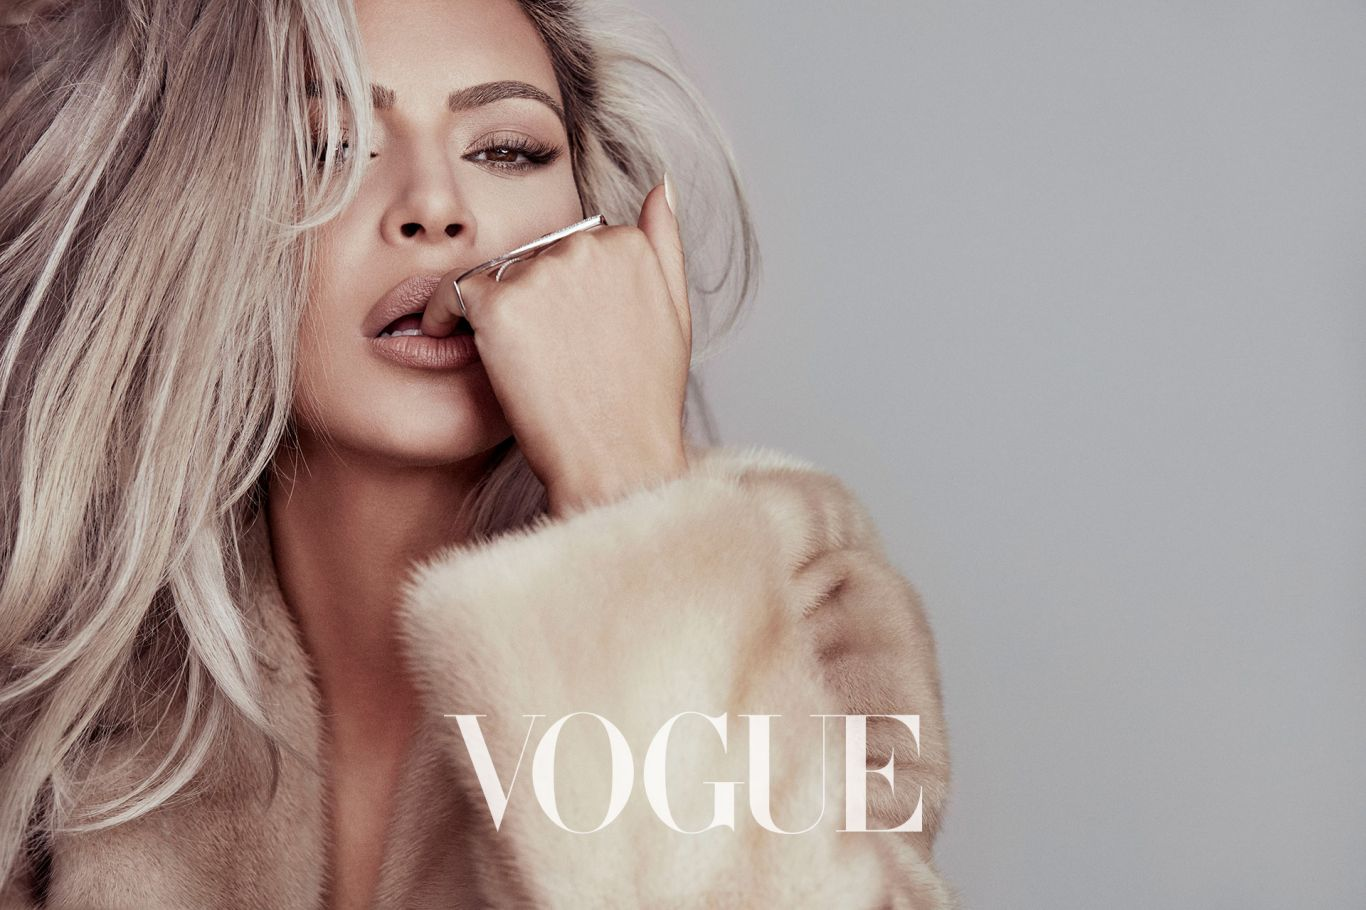 Քիմ Քարդաշյանը լուսանկարվել է Vogue Taiwan-ի համար (լուսանկարներ)